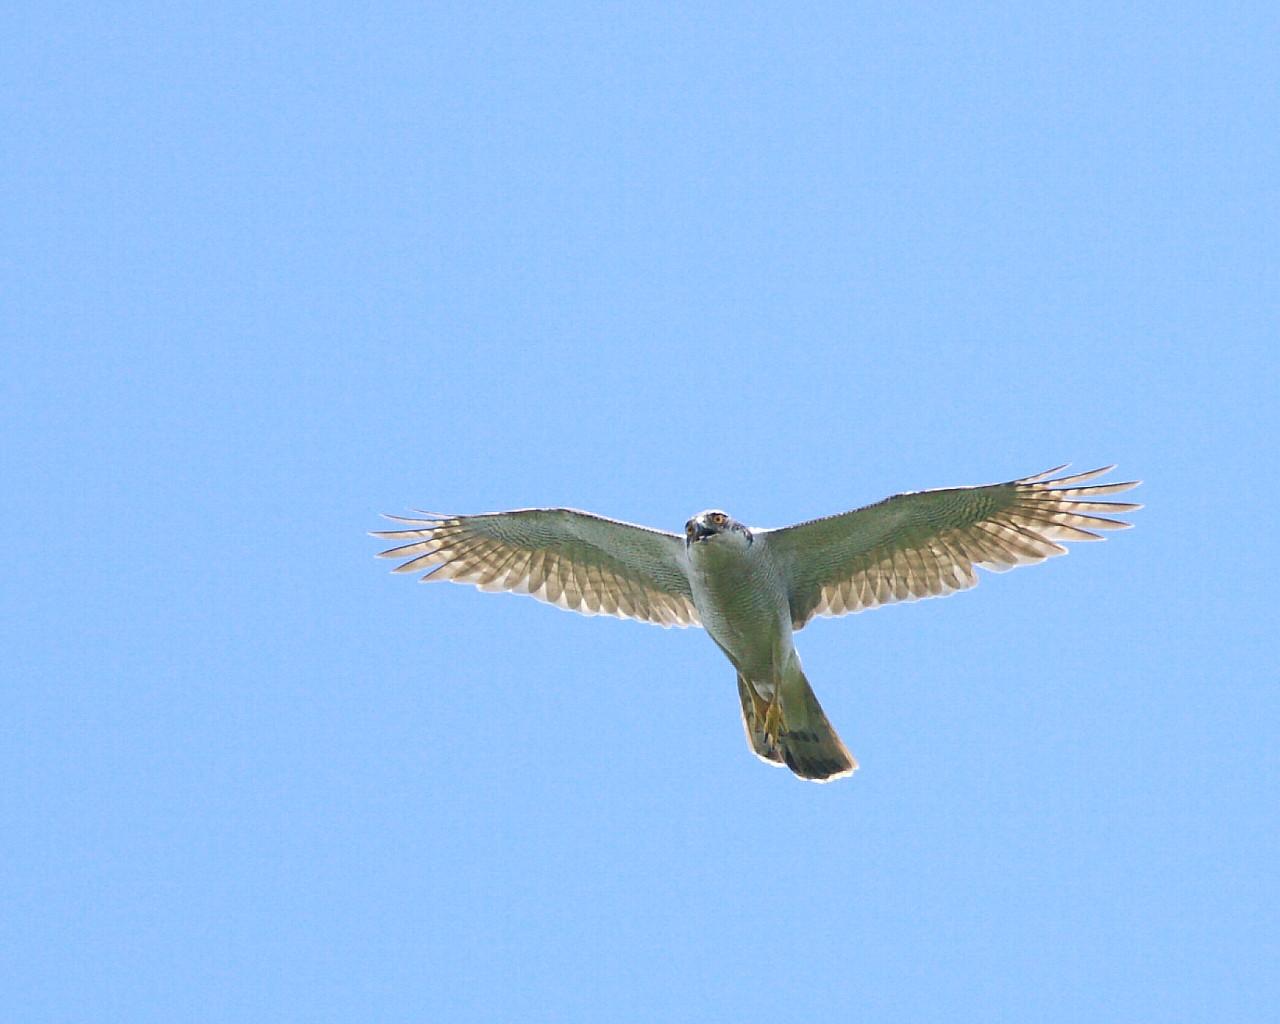 梅雨明け(?)の青空背景にオオタカお父さんの雄飛_f0105570_1536757.jpg